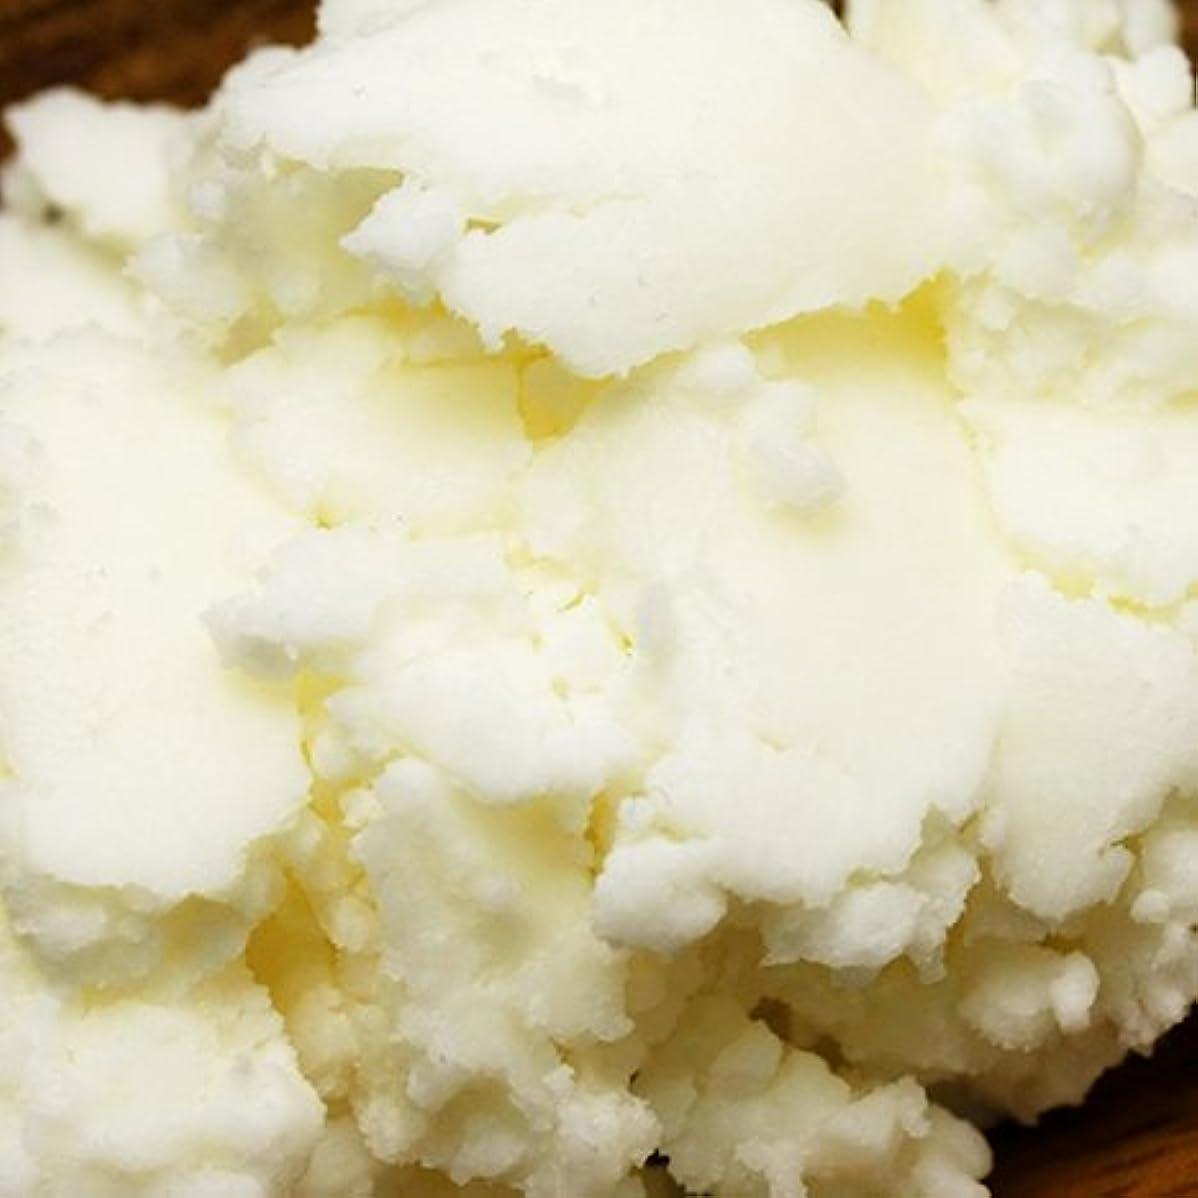 ホステル成熟極めてマンゴーバター 100g 【手作り石鹸?手作りコスメに最適】